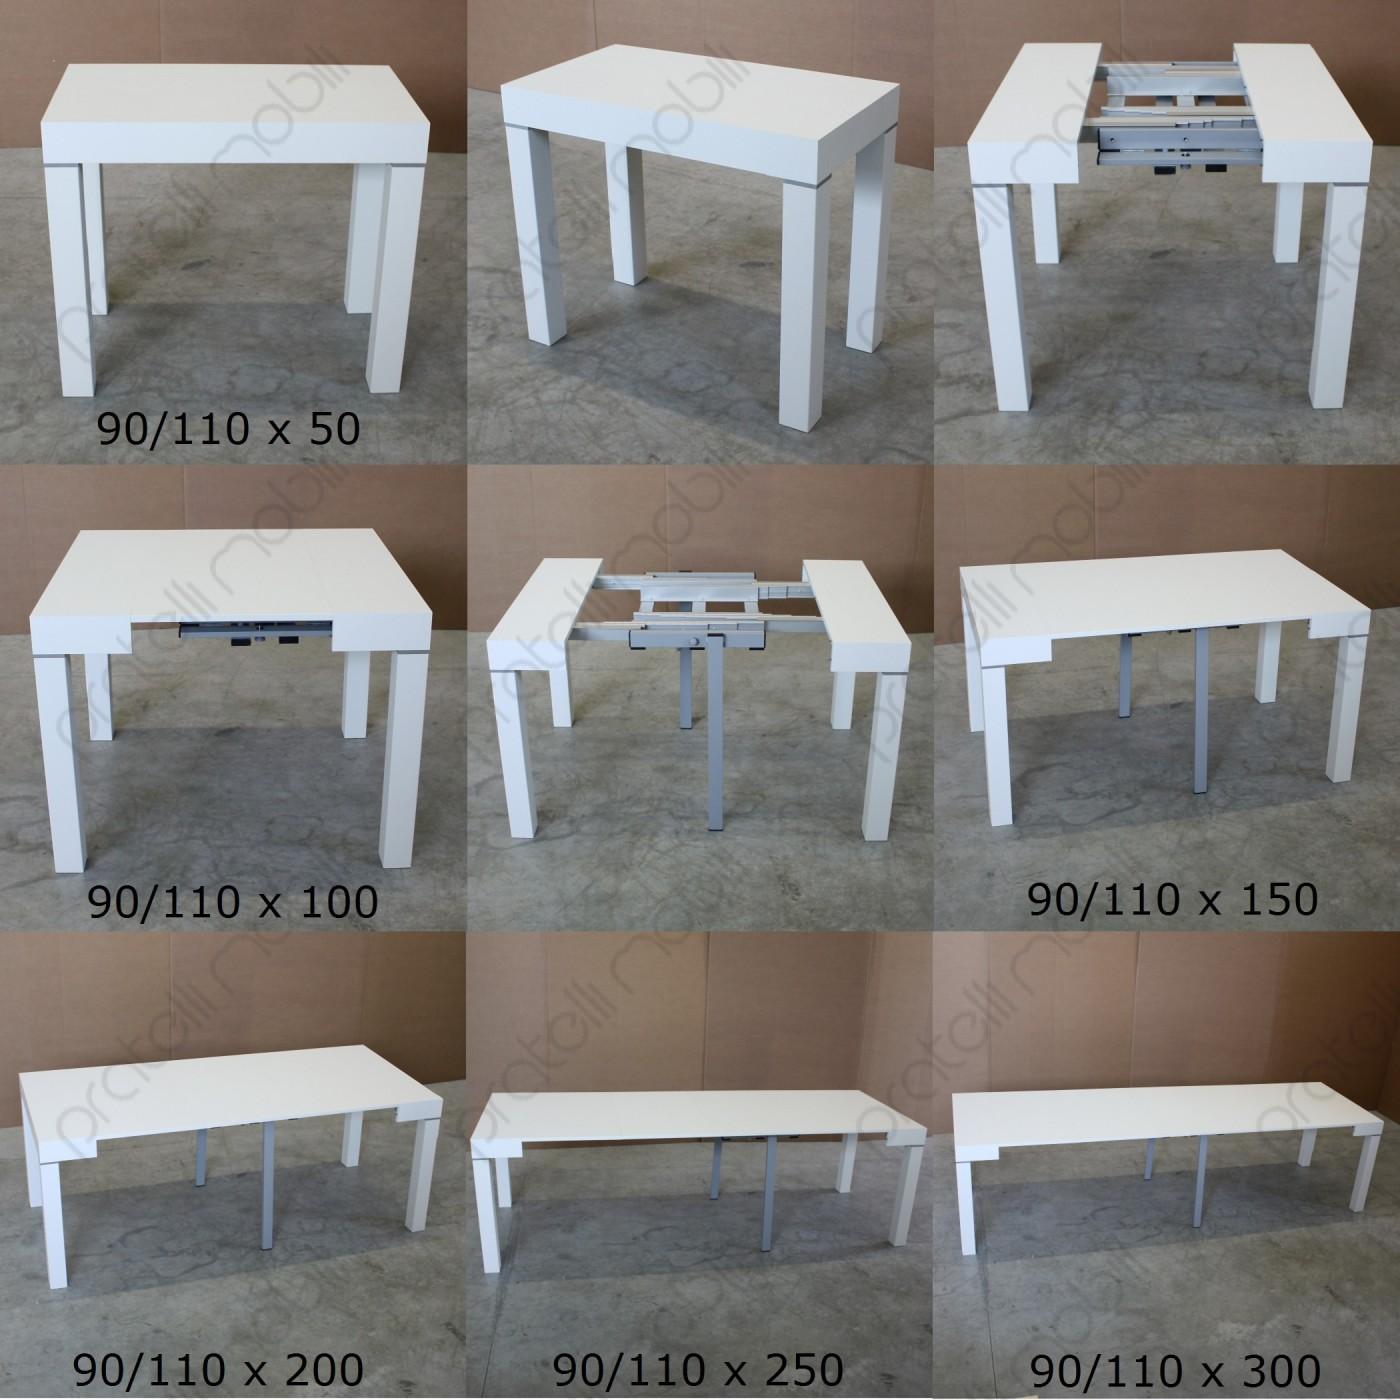 Tavolo Allungabile Per 18 Persone.Pratelli Mobili Il Tavolo Allungabile Da 50 A 300 Cm